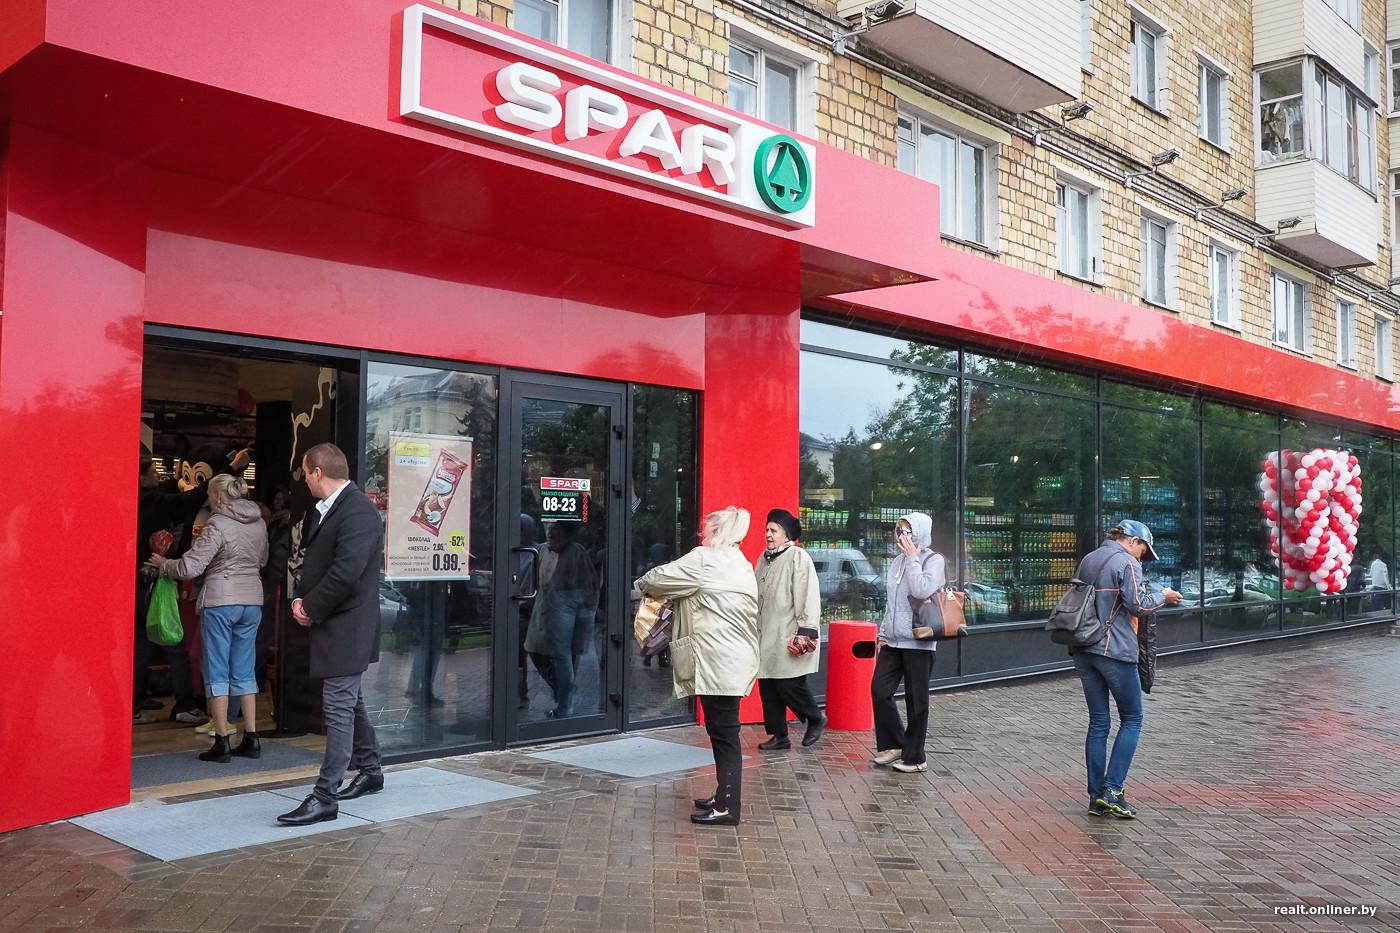 f17fc8d3 Нидерландская сеть магазинов-супермаркетов Spar базируется в Амстердаме и  основана в 1932 году. Это закупочный кооператив — то есть разные компании  ...